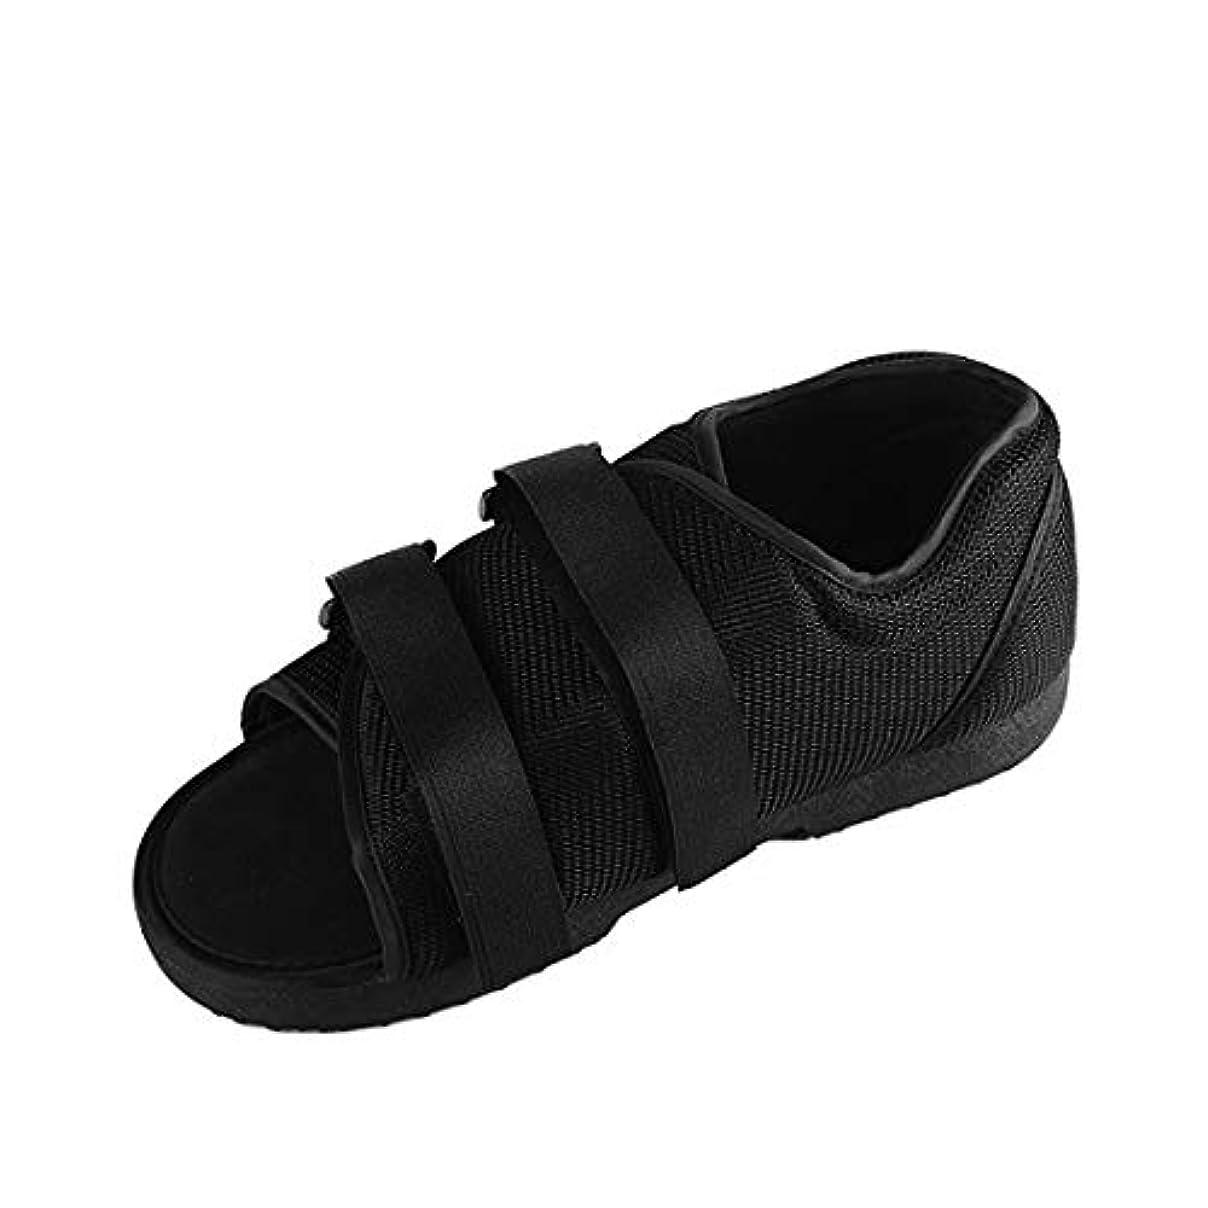 ランデブー勇気のある予備医療足骨折石膏の回復靴の手術後のつま先の靴を安定化骨折の靴を調整可能なファスナーで完全なカバー,WS23.5*9cm